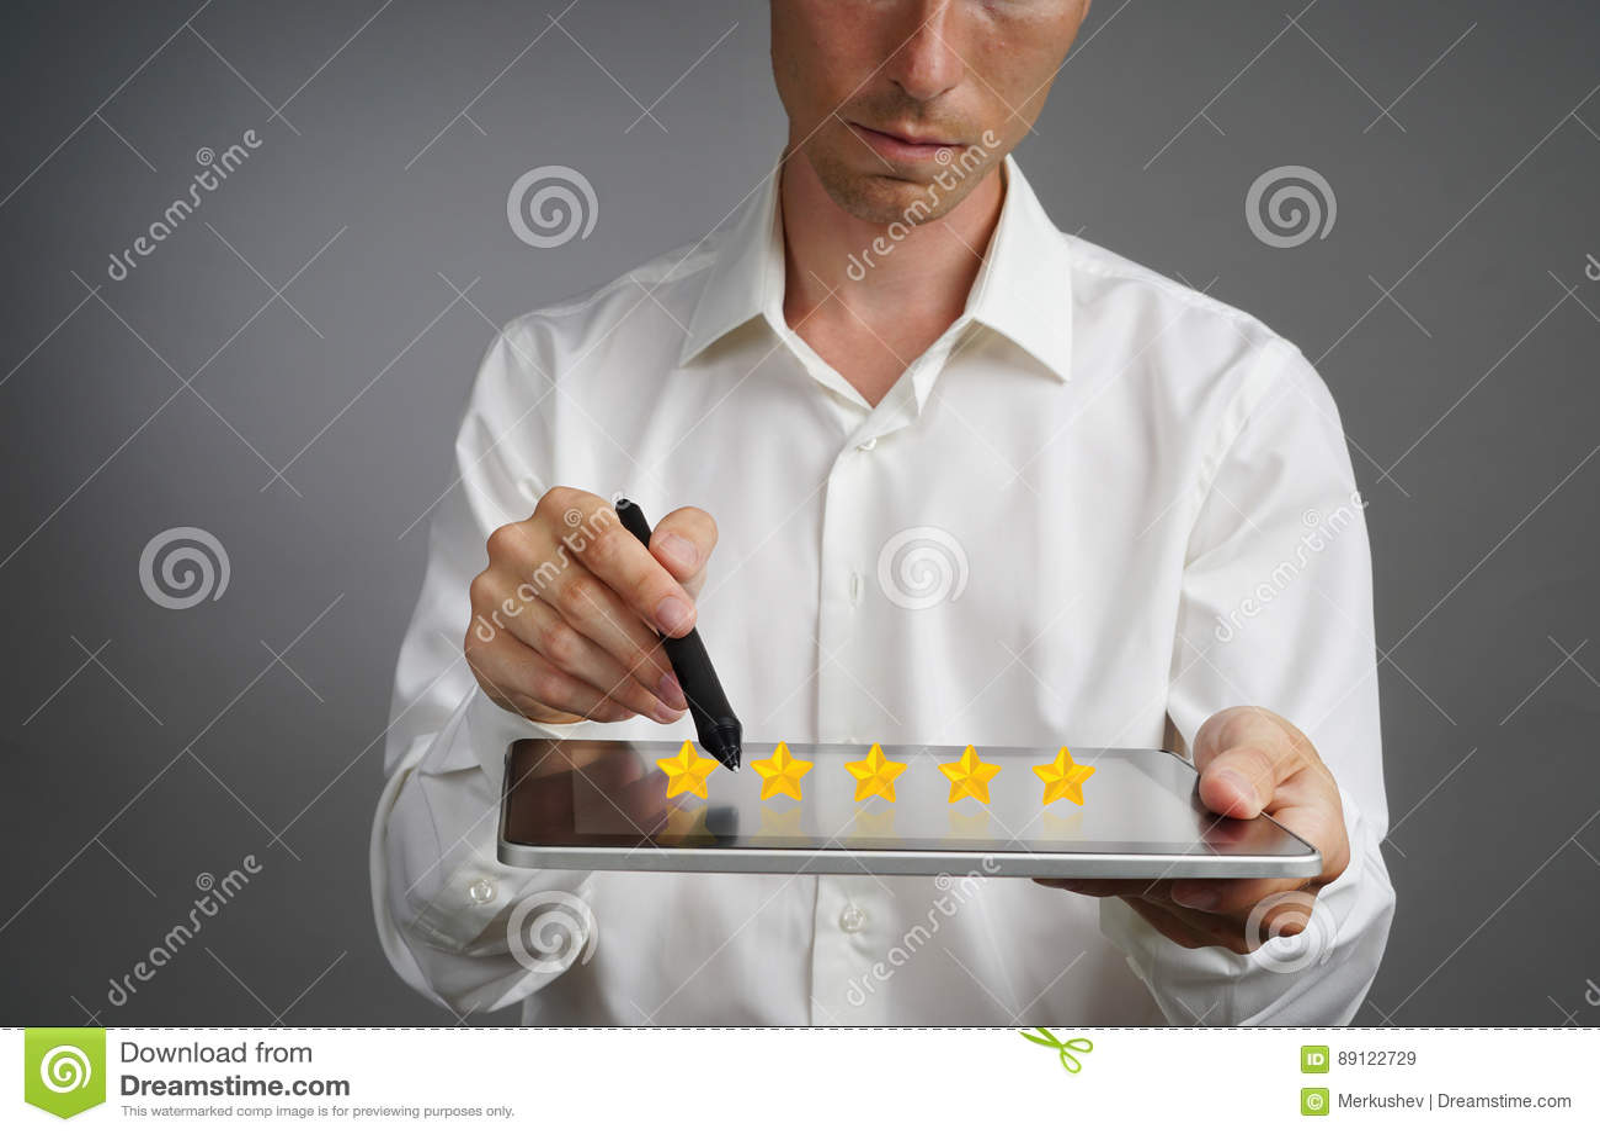 五个星规定值或等级,基准点概念 有片剂个人计算机的人估计服务,旅馆,餐馆